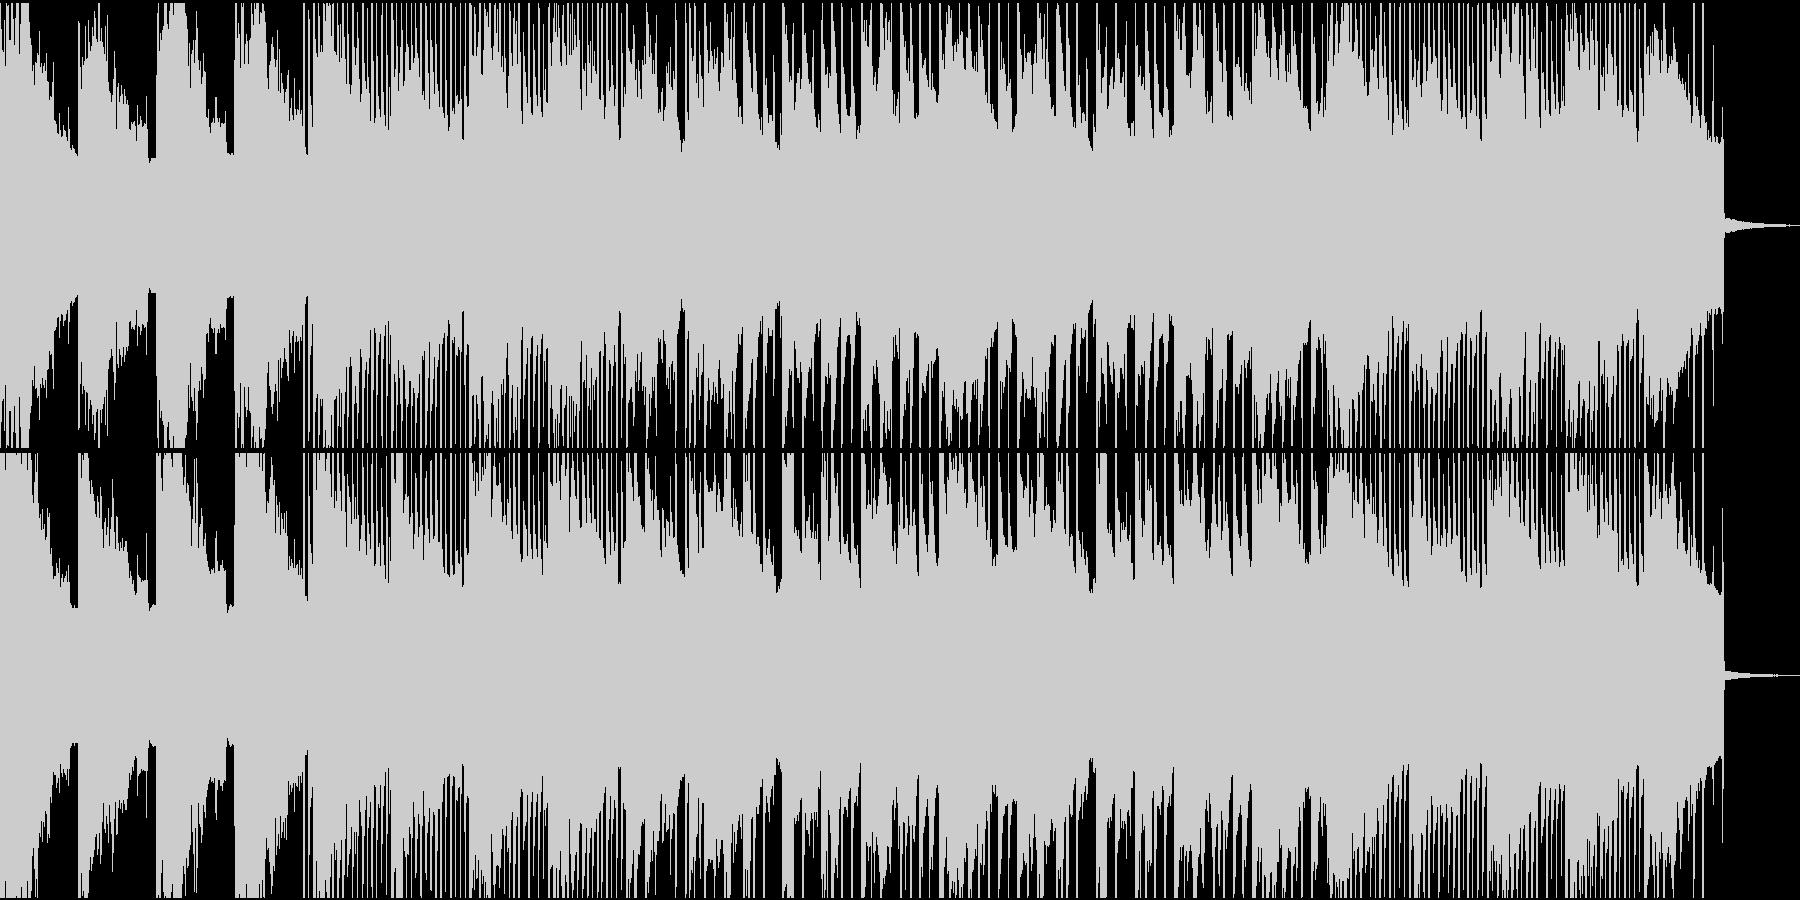 少し怪しげな起伏の少ないBGMの未再生の波形